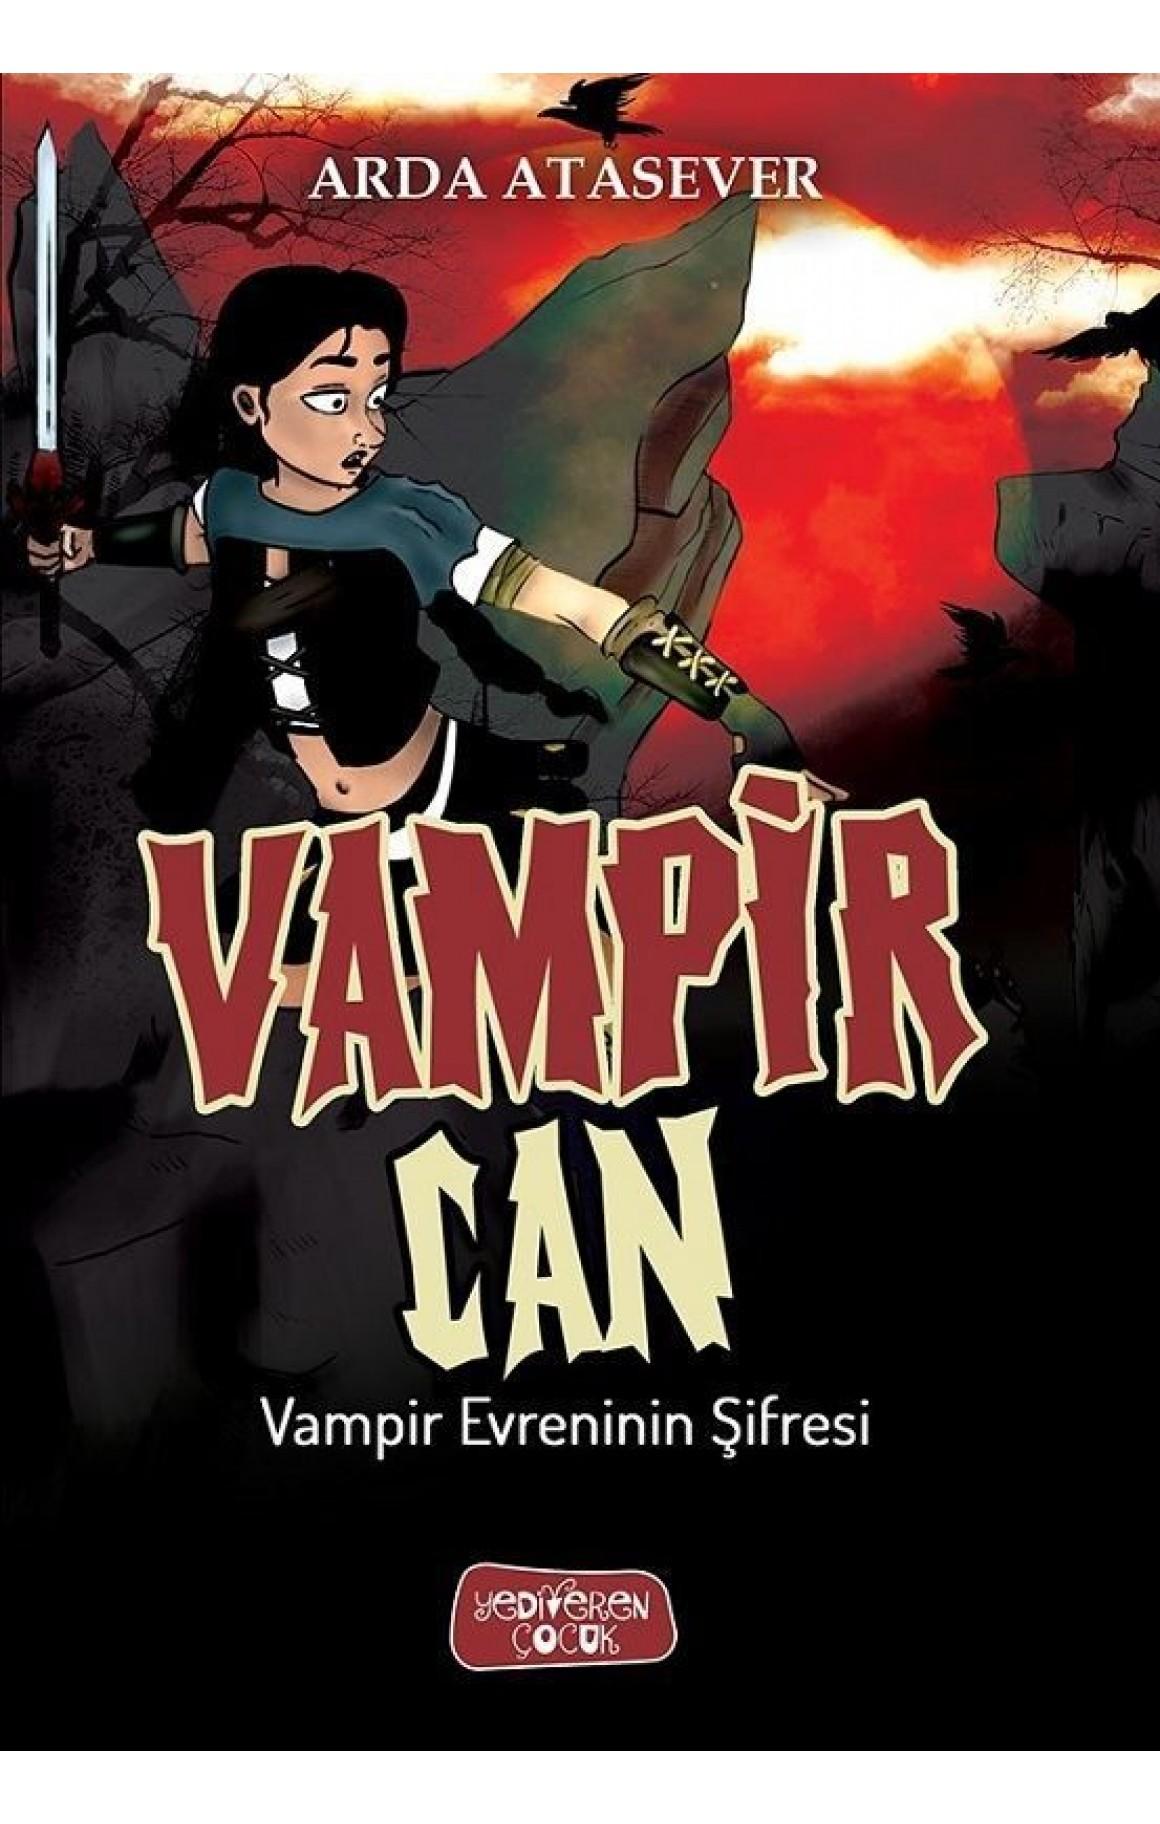 Vampir Can-Vampir Evrenin Şifresi